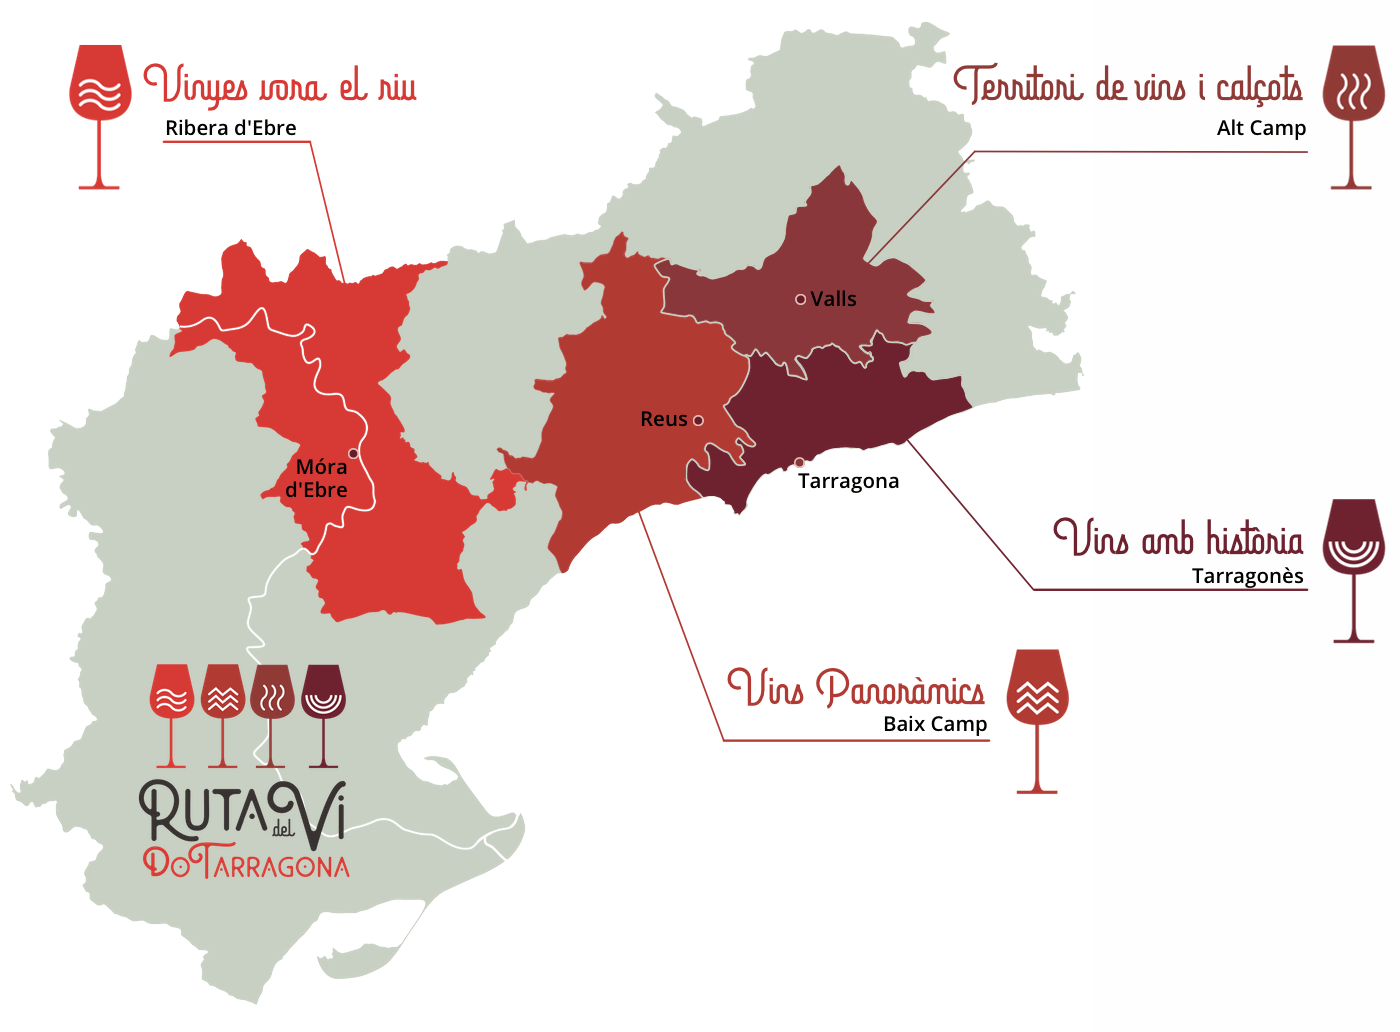 Mapa de la DO Tarragona